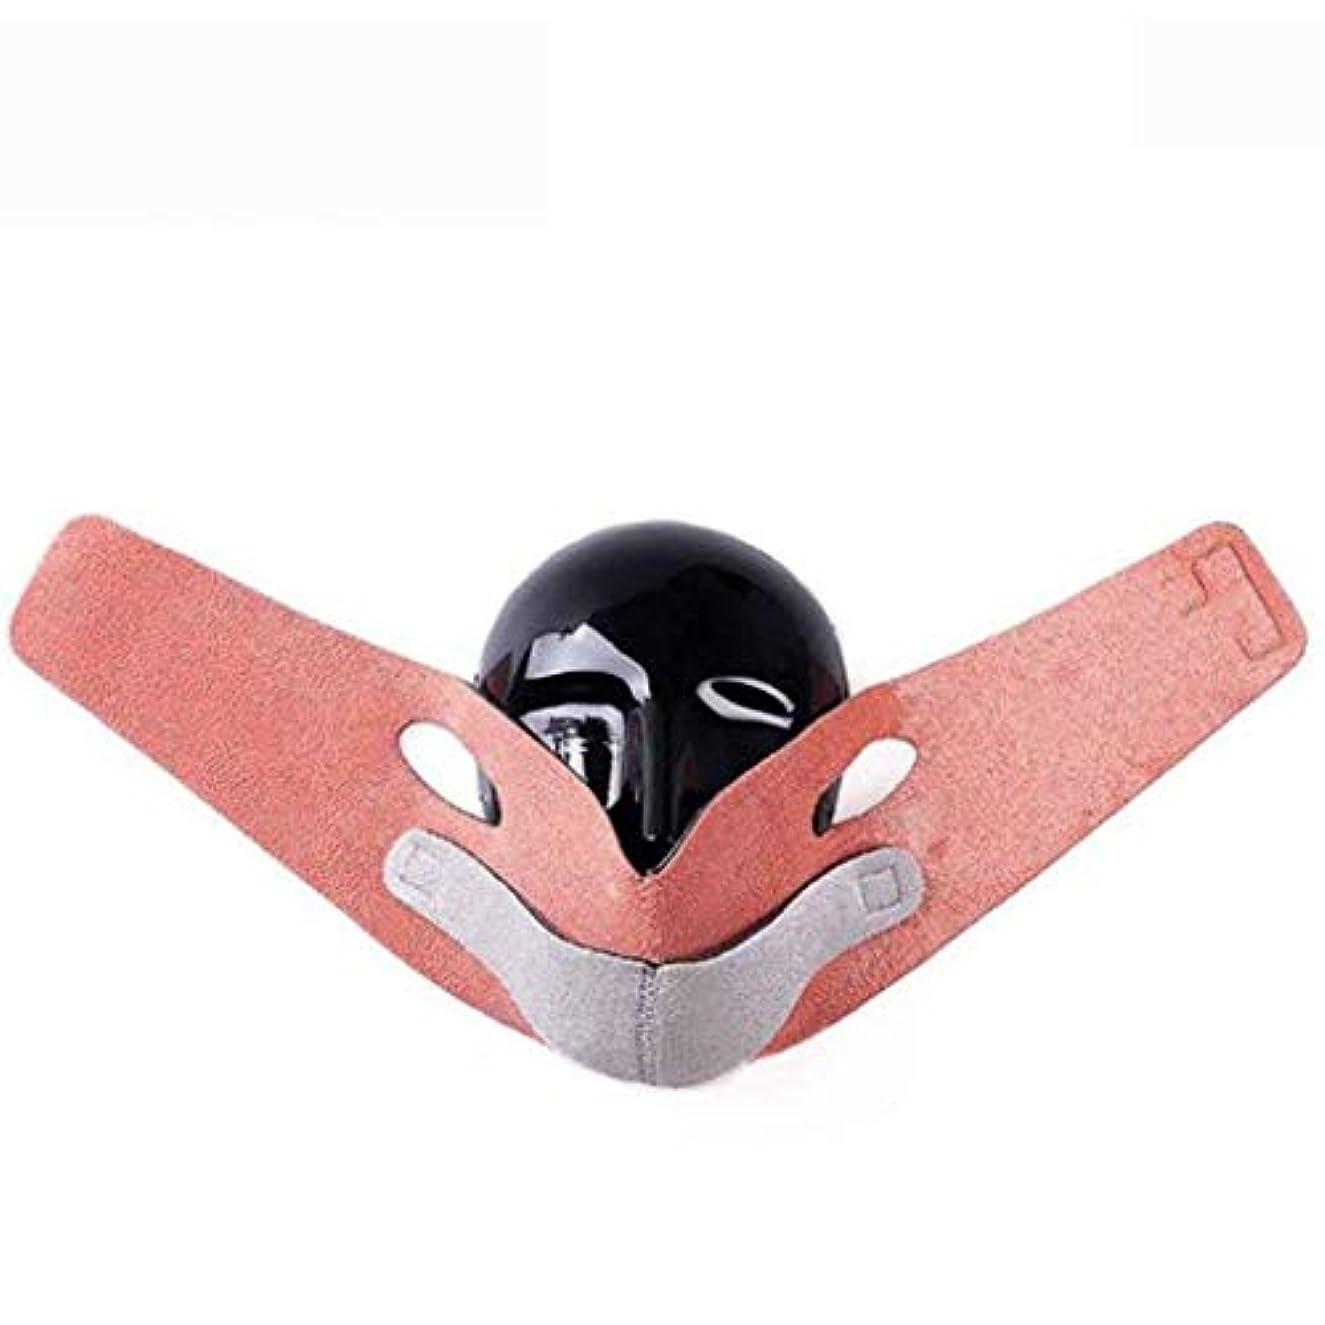 獣引き潮放射能Vフェイスマスク - リフティングフェイスロスダブルチン - スモールフェイス包帯矯正フェイスタイプ